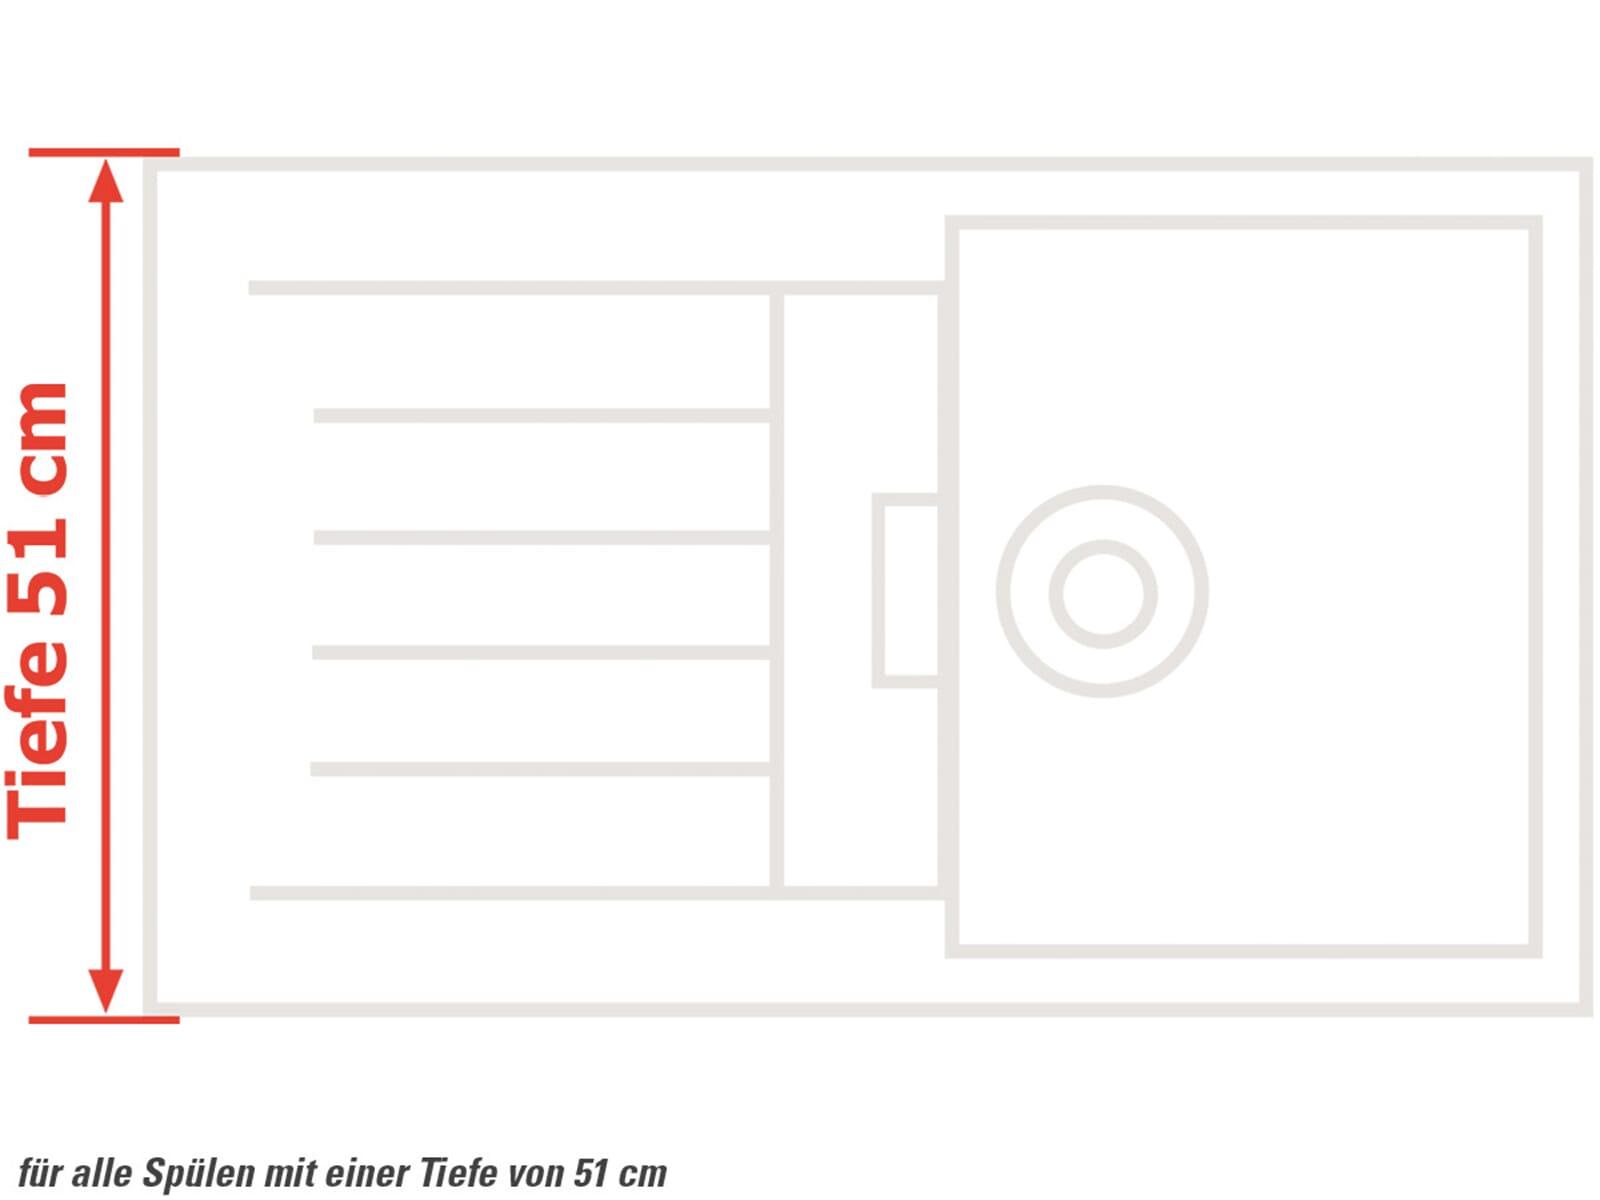 Brückenschneidebrett aus Birke für 51 cm Spülentiefe